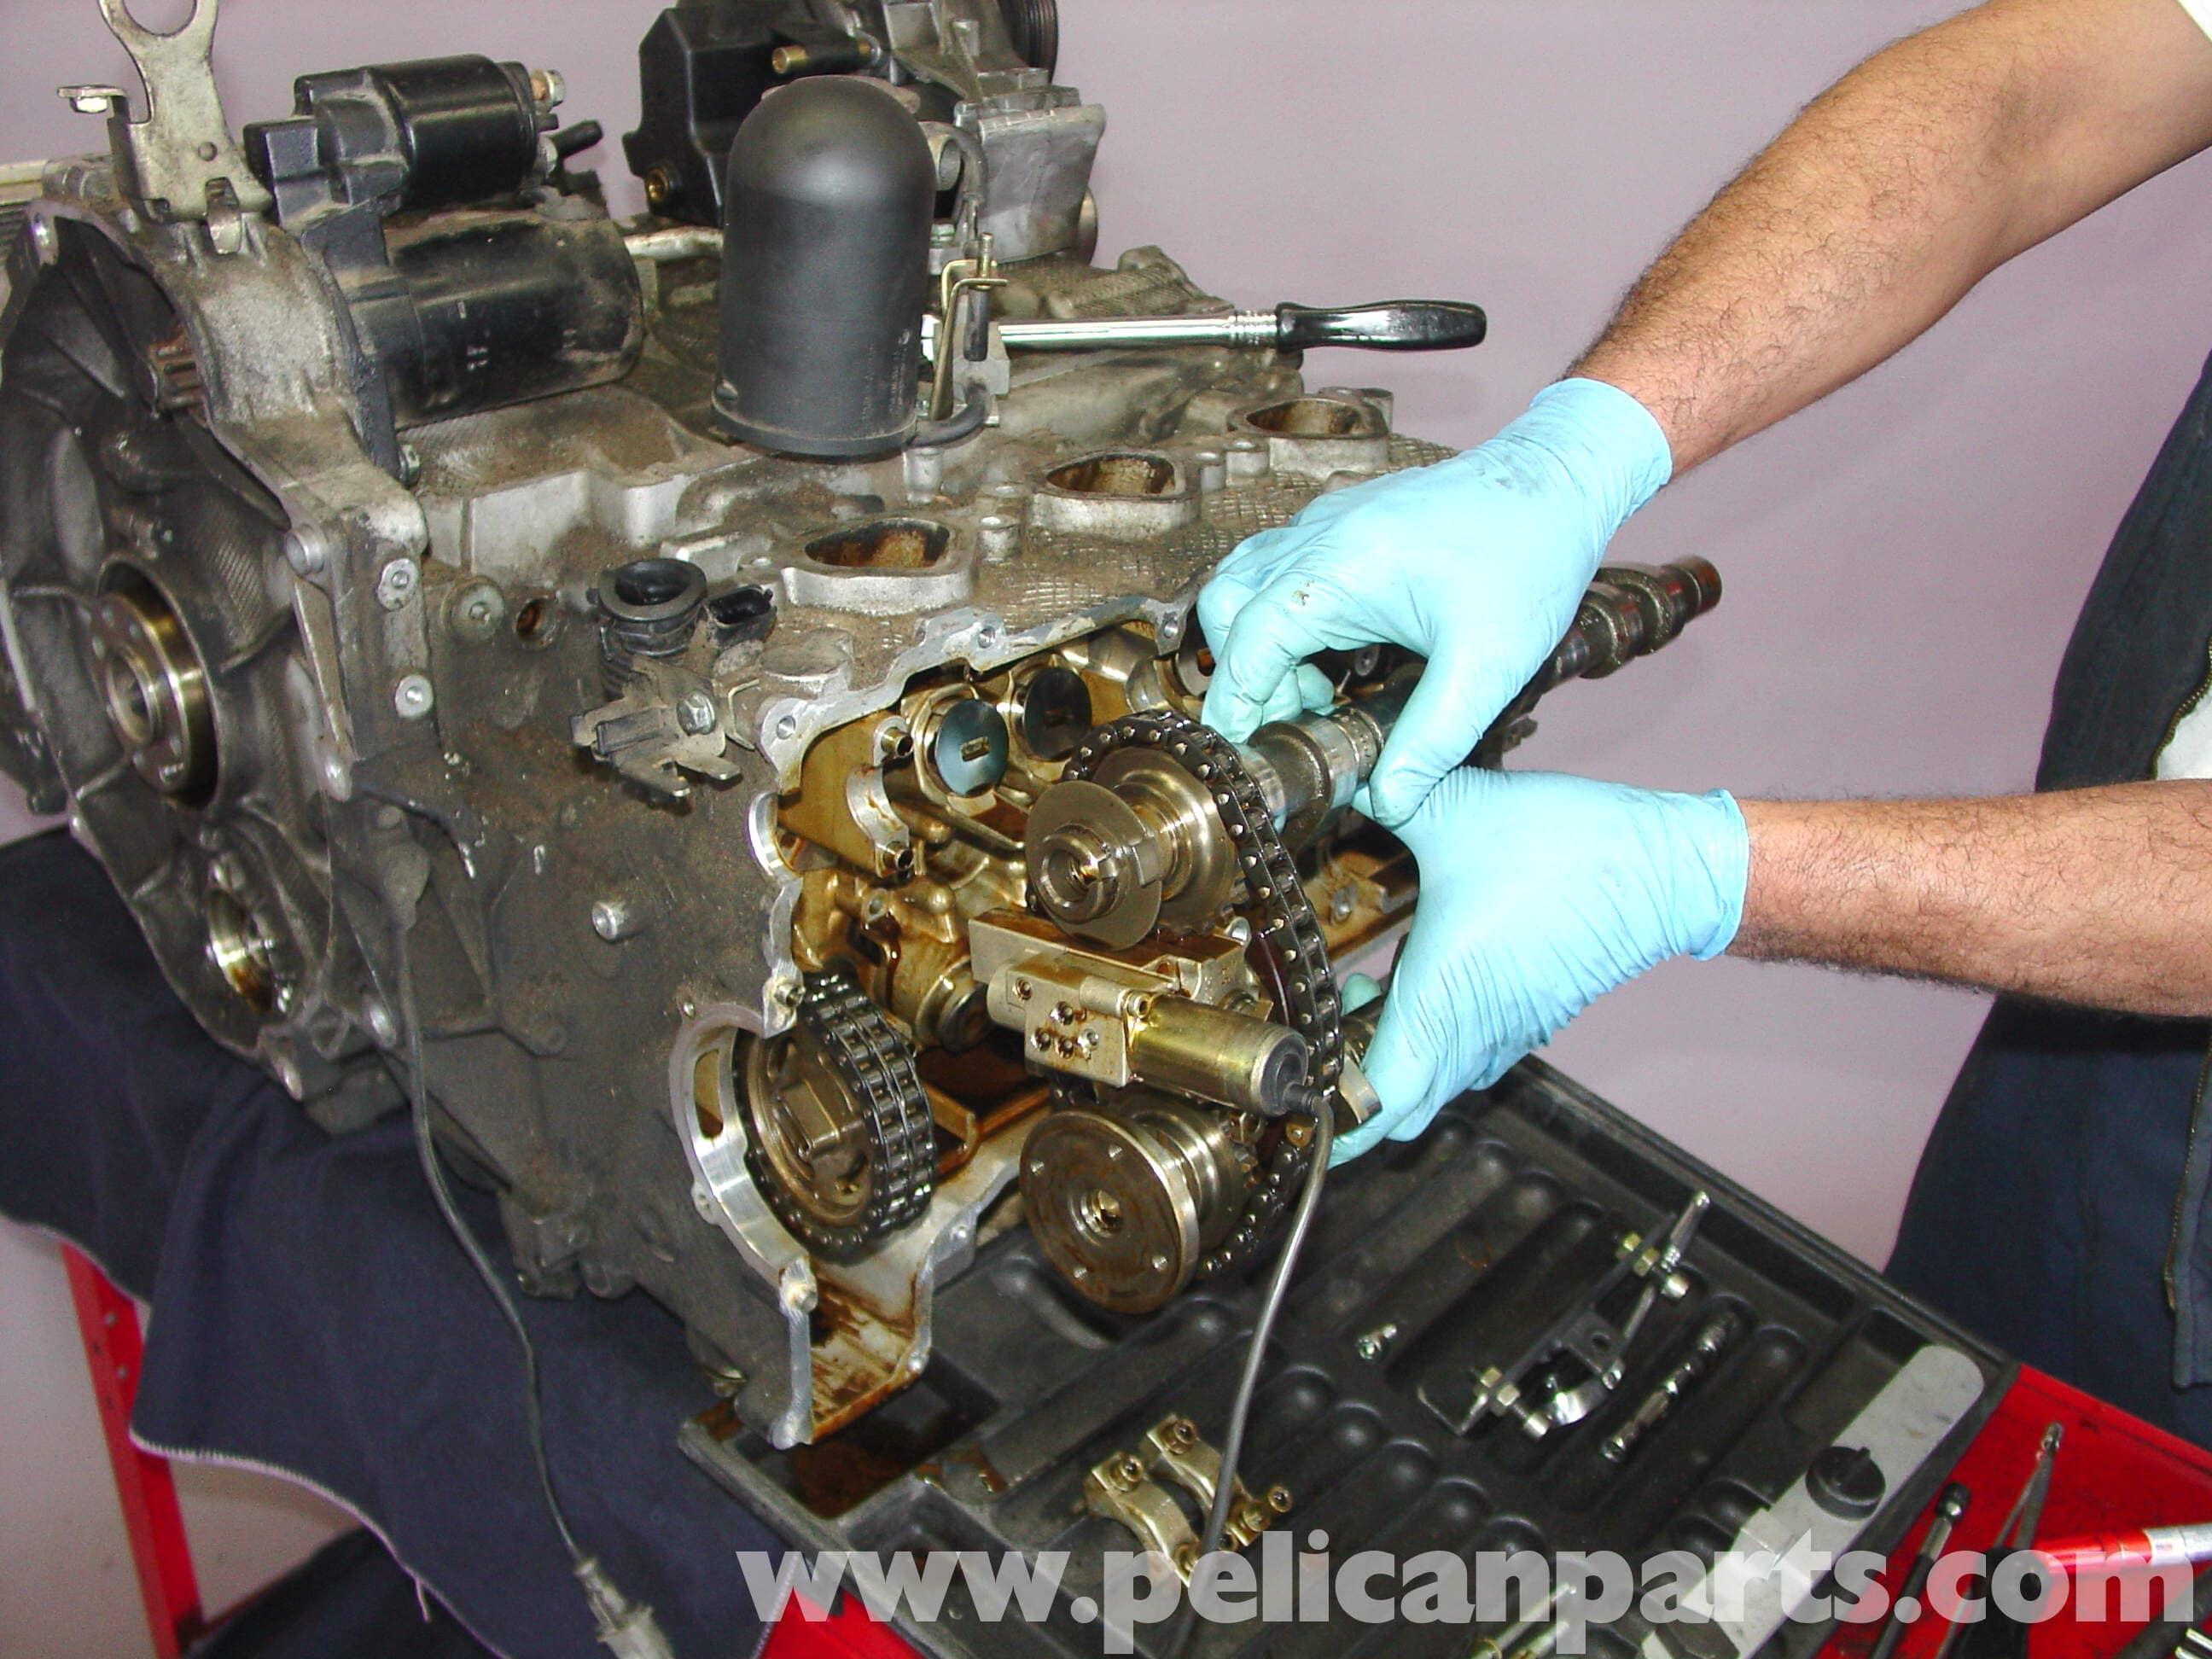 Porsche 911 Carrera Engine Tear Down 996 1998 2005